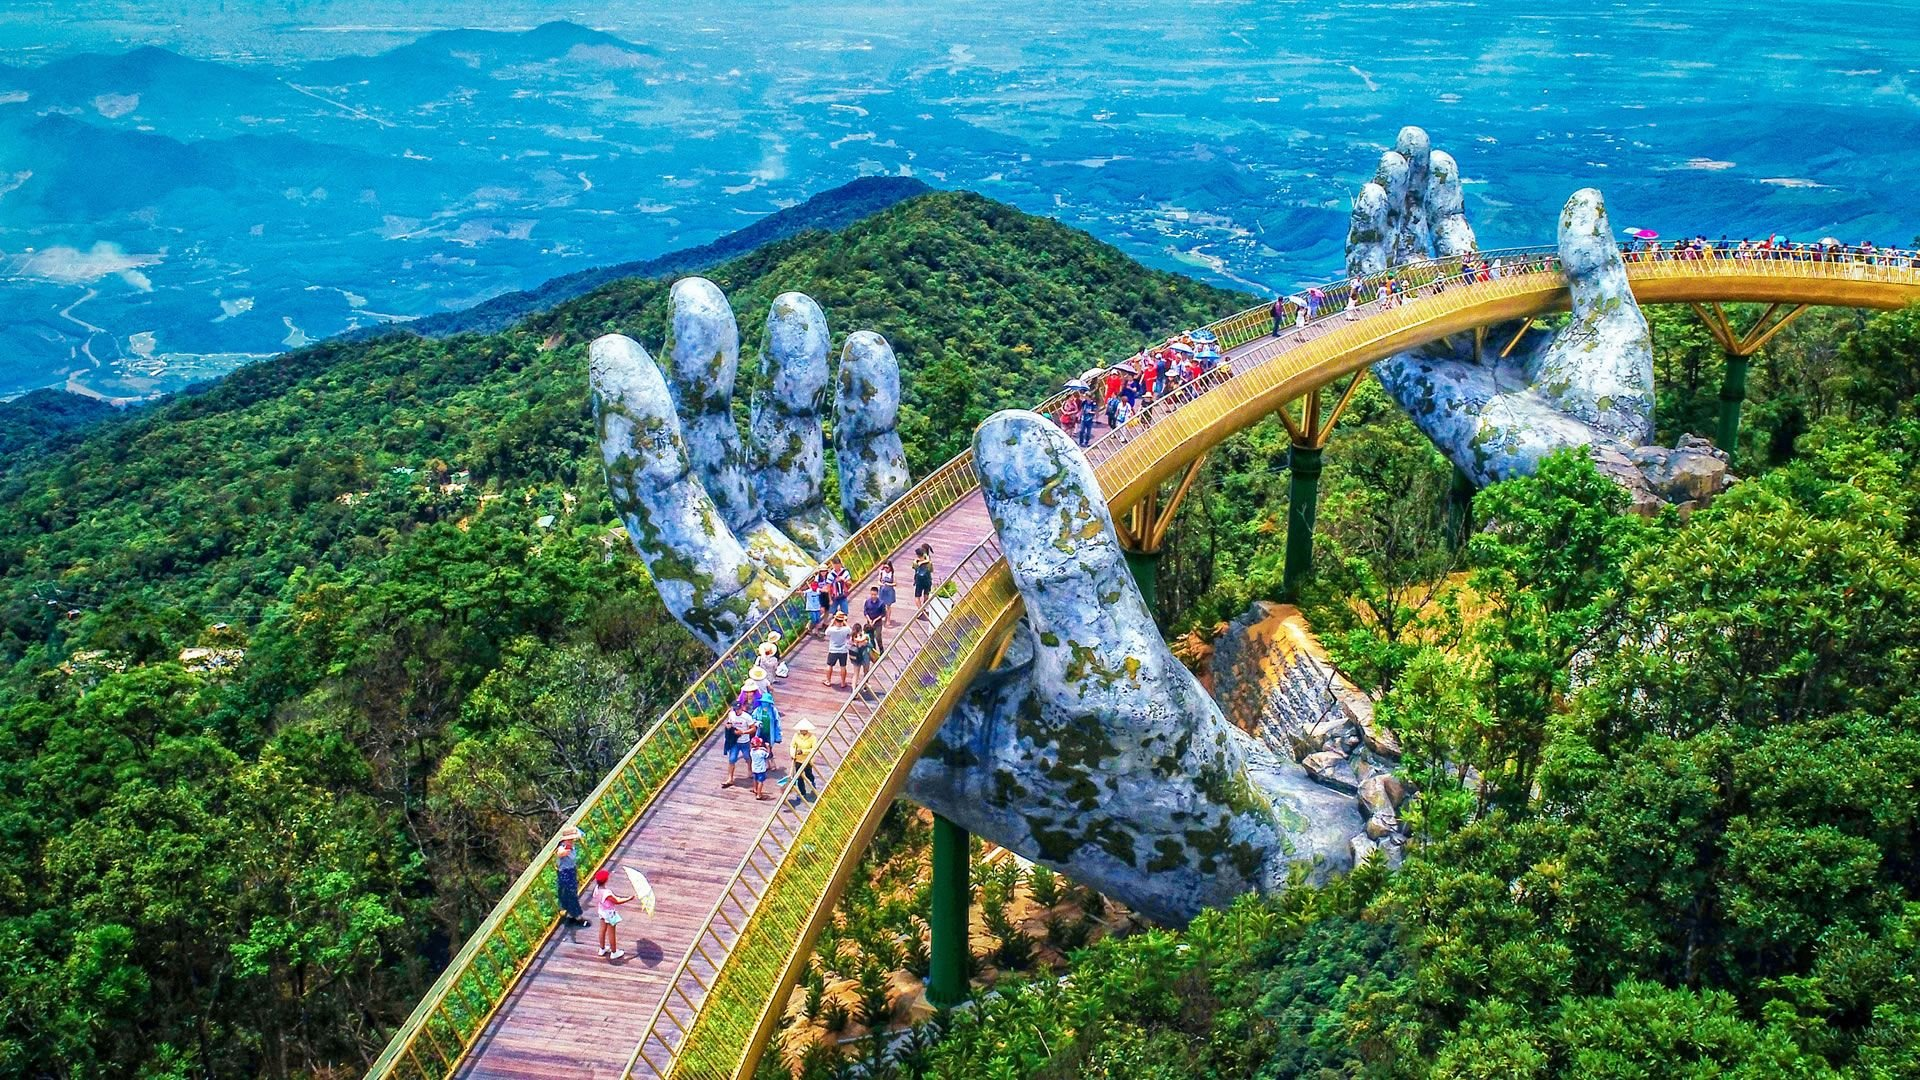 El espectacular puente sostenido por manos del que todos hablan